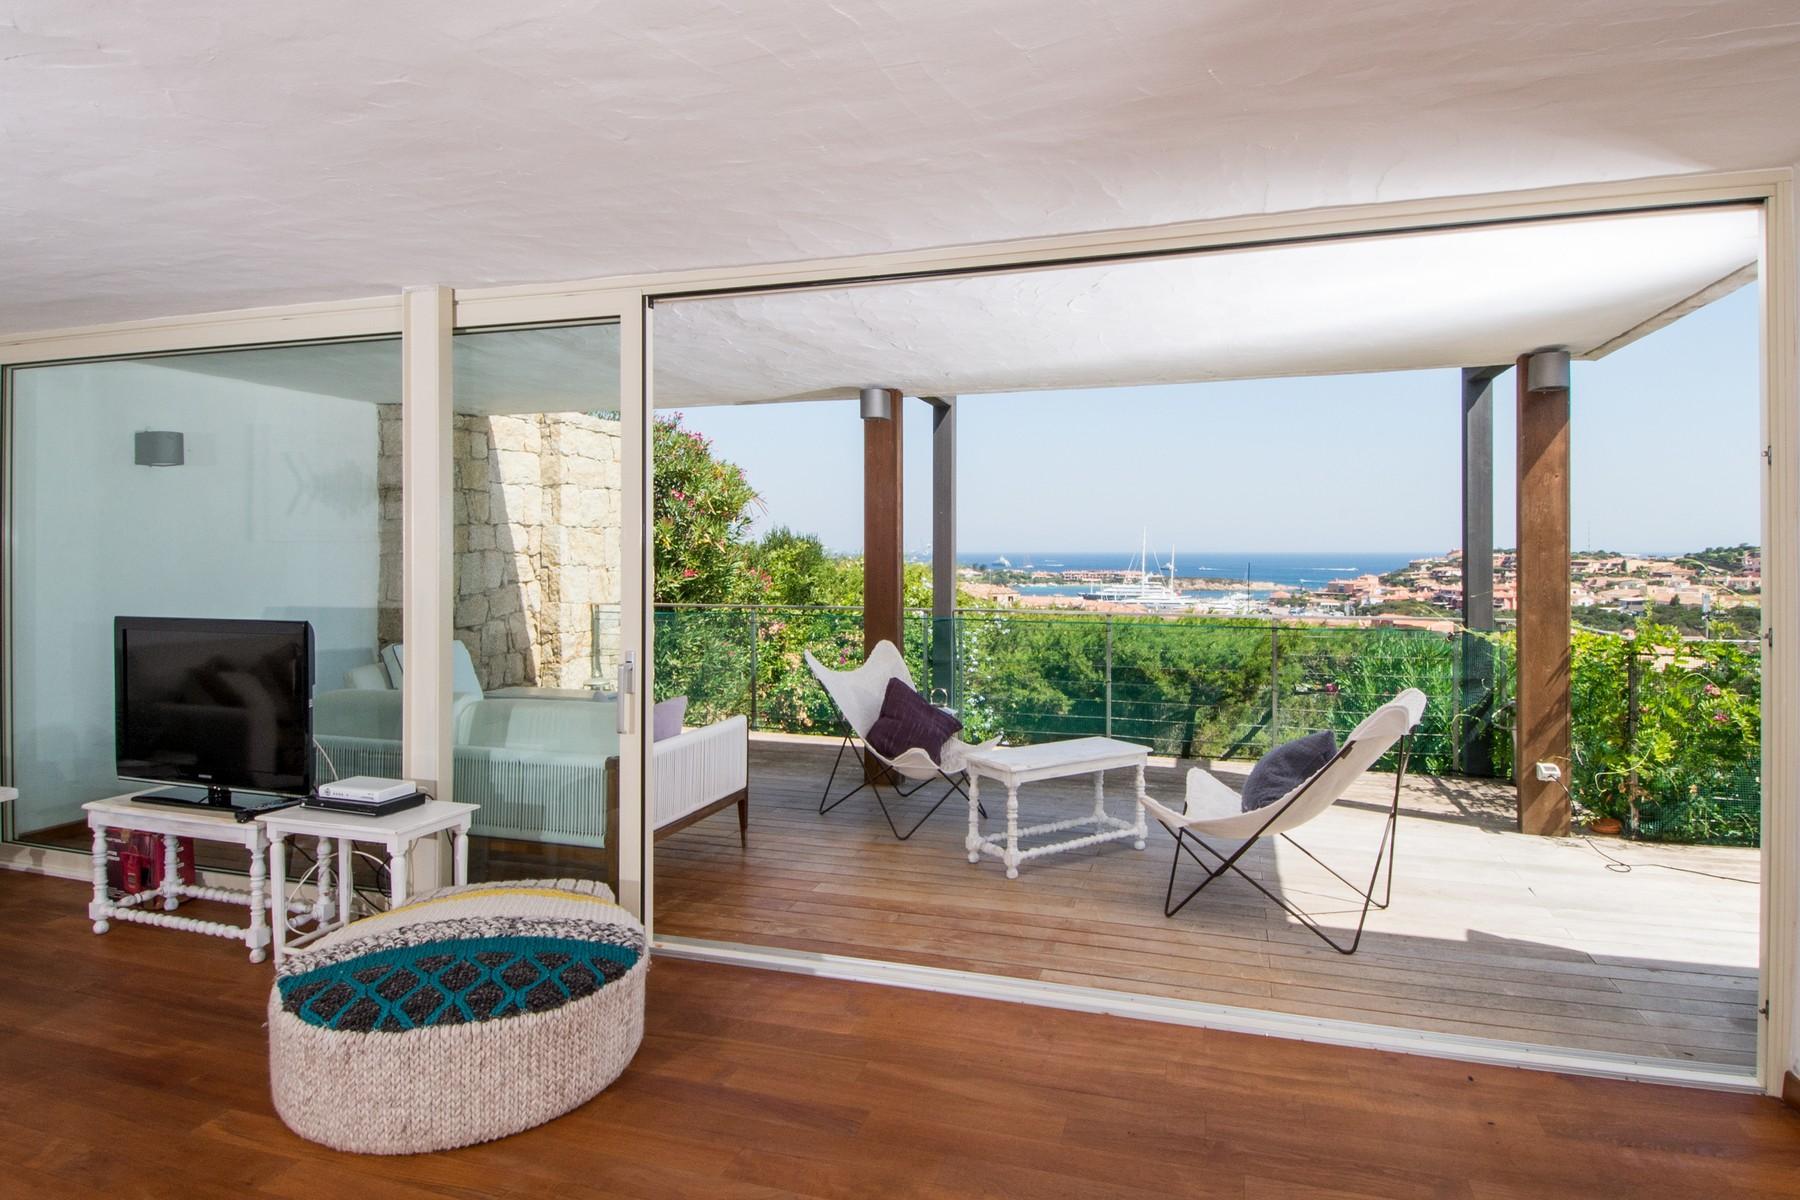 Porto Cervo Centro Meravigliosa casa semi-indipendente con splendida vista - 1